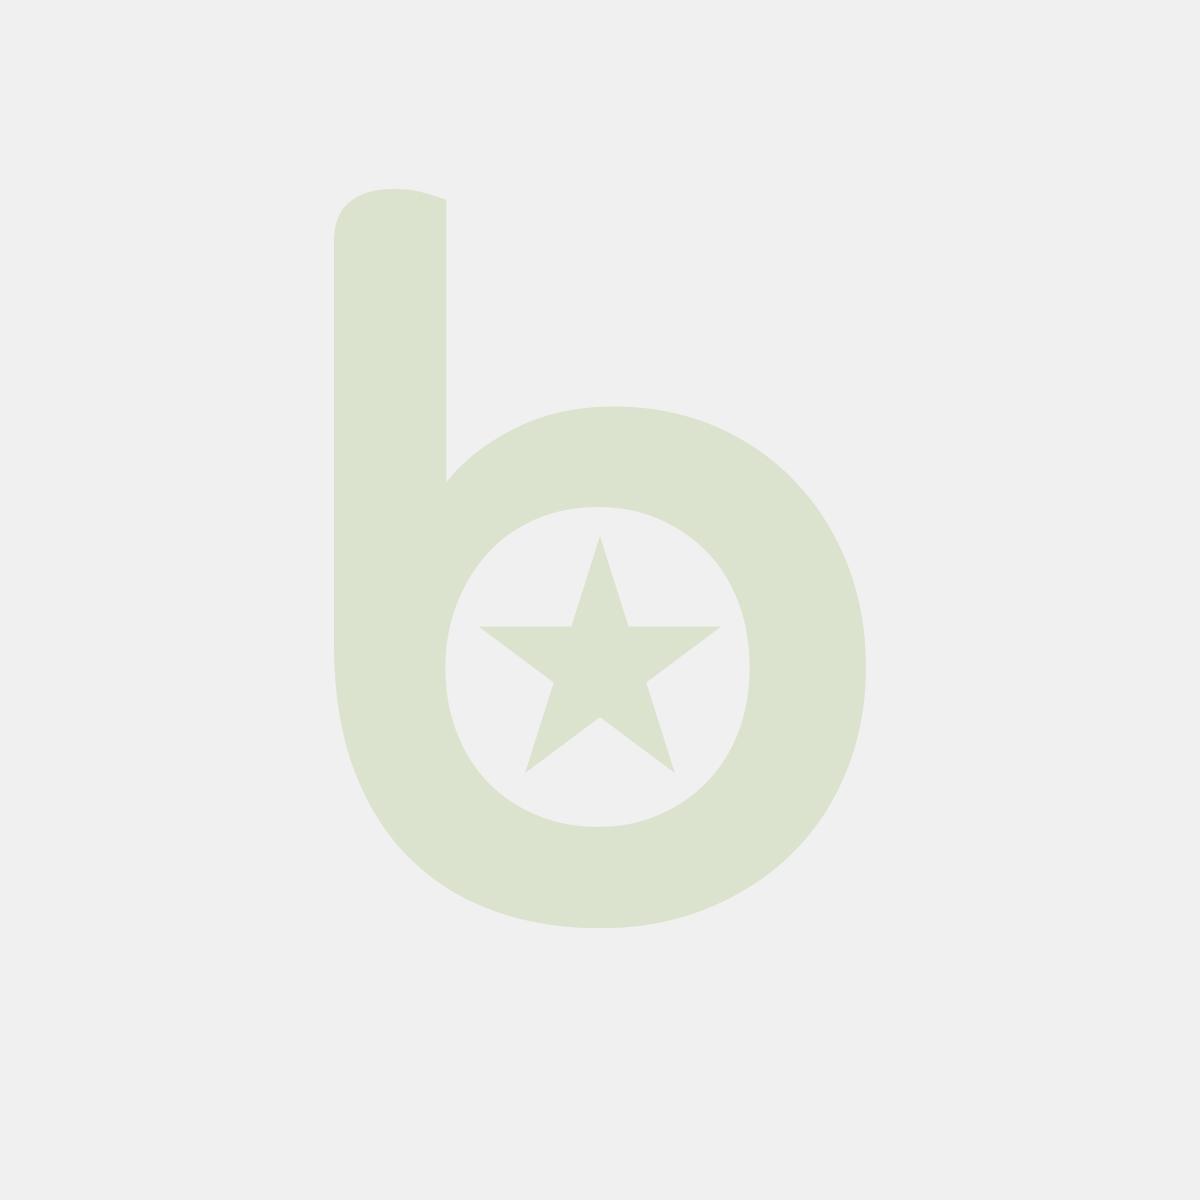 Radełko do ciasta - falowane ostrze - kod 856154